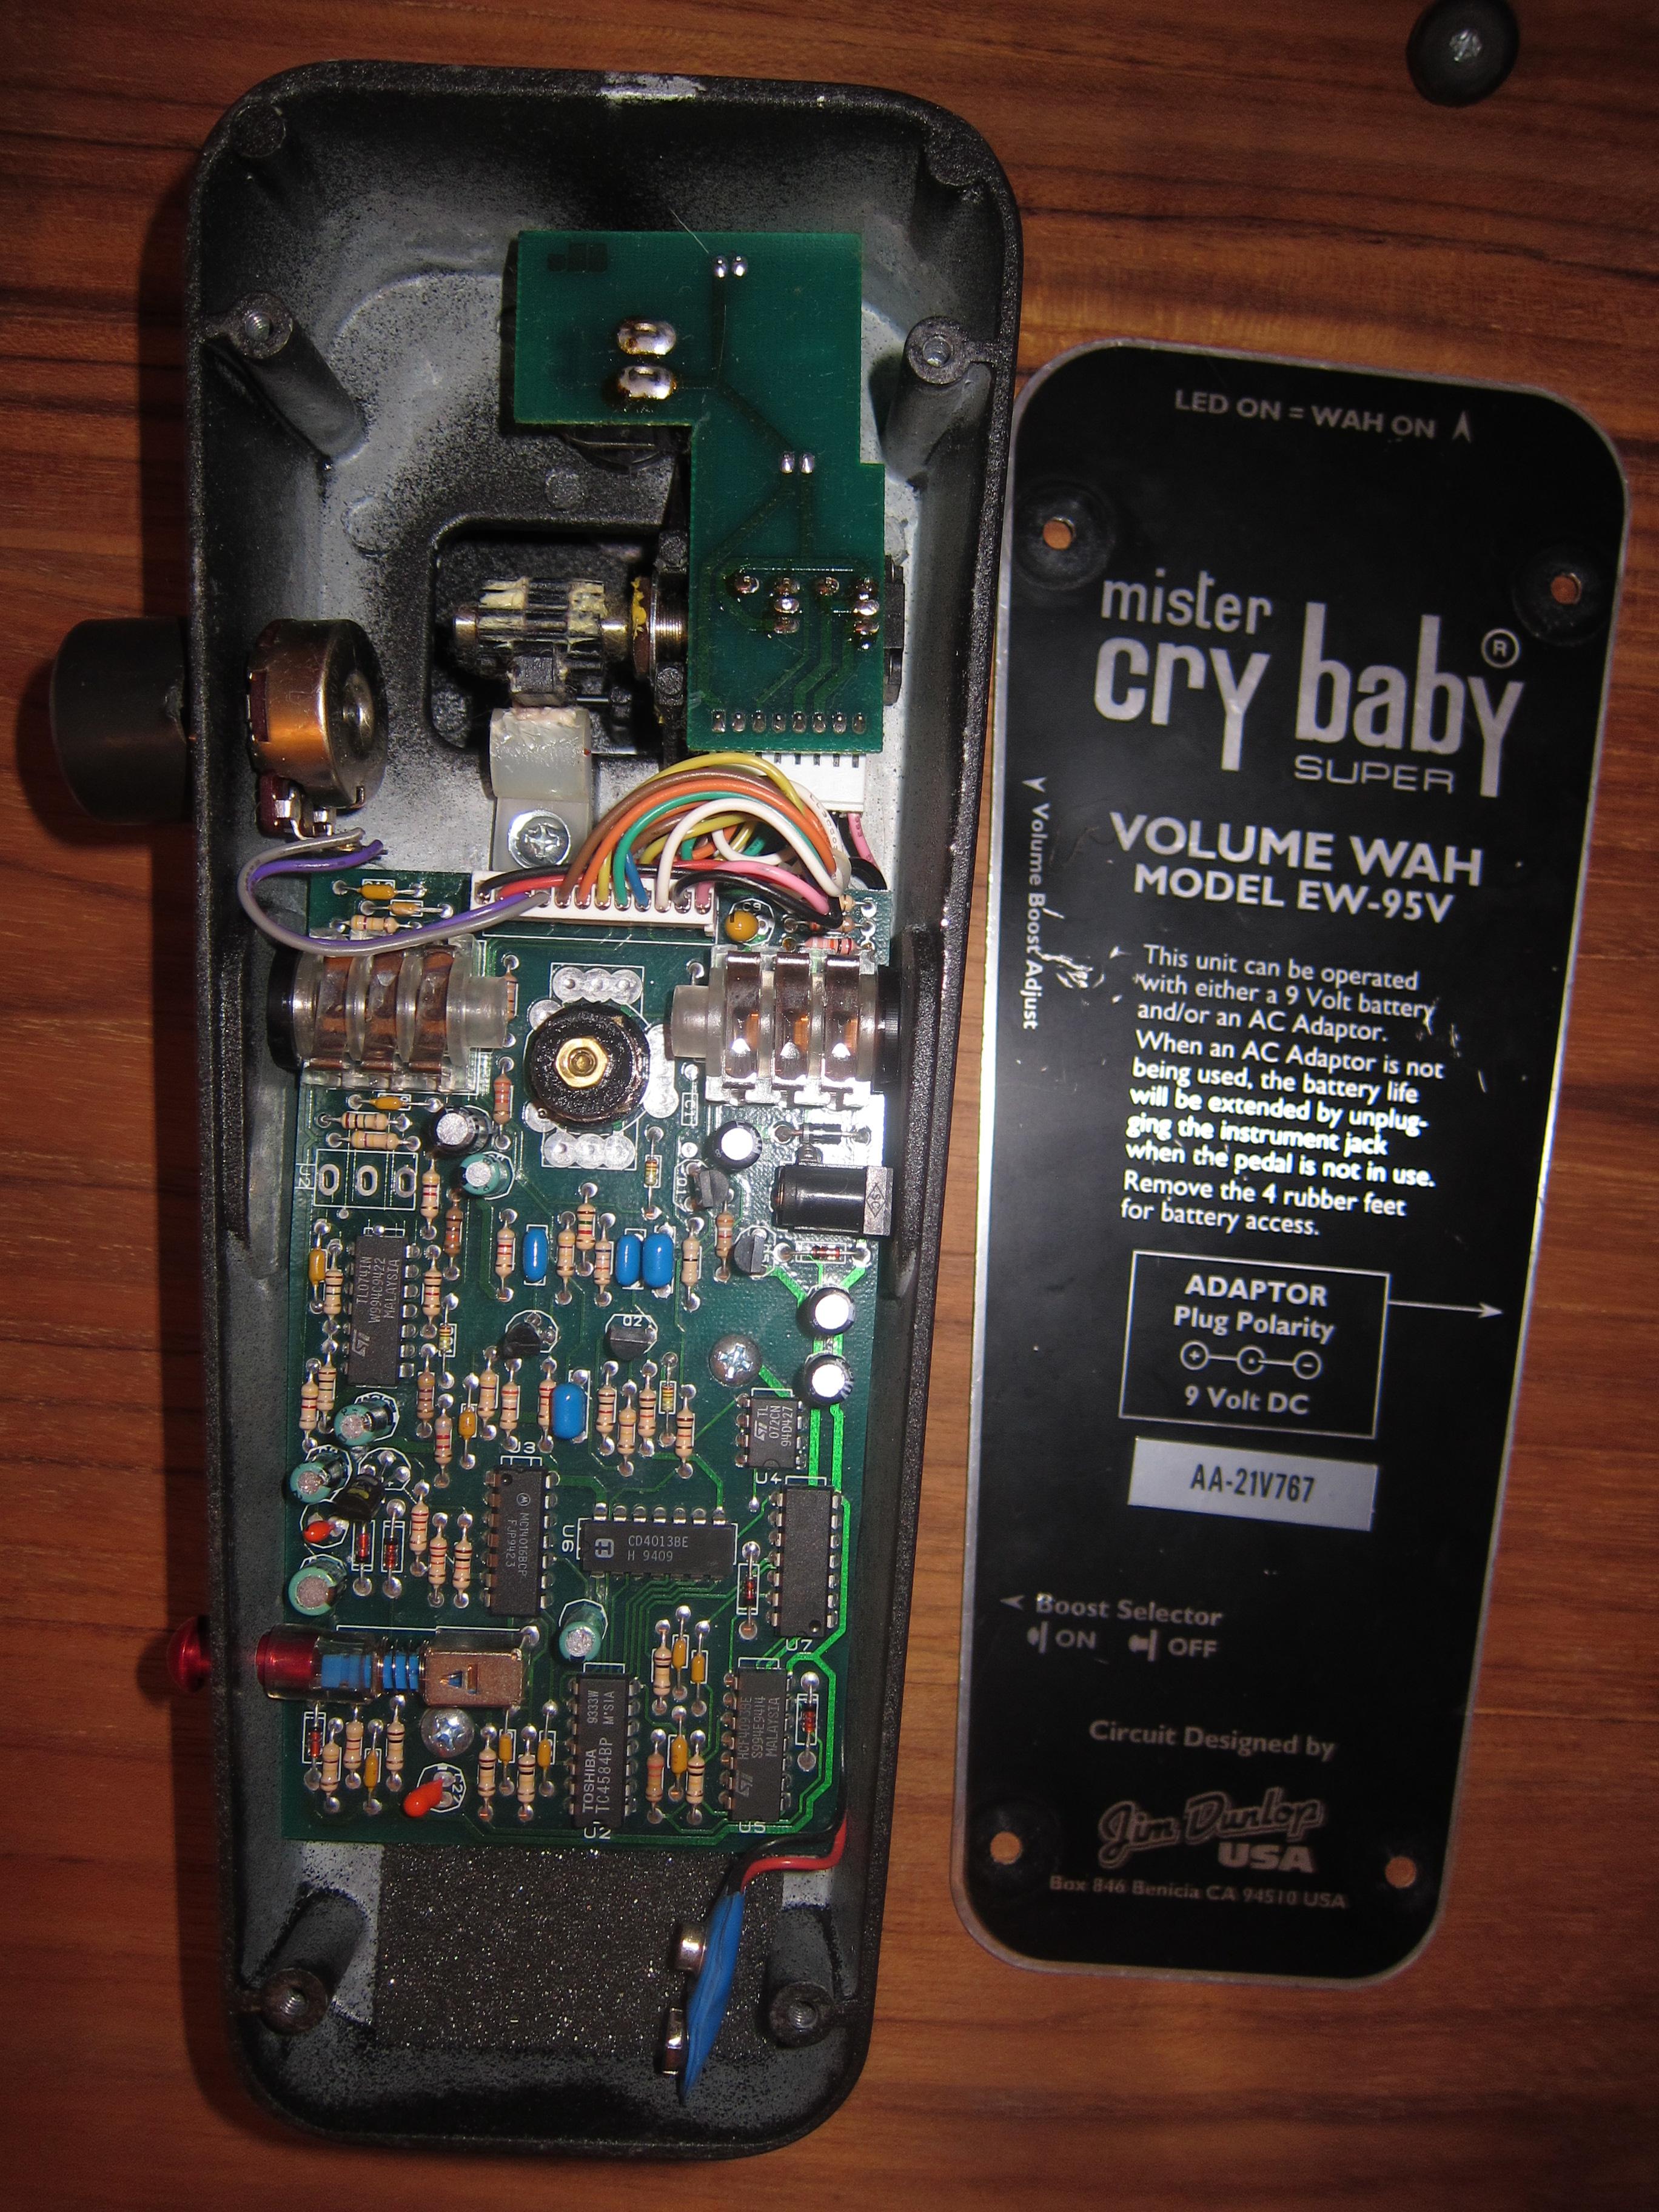 dunlop ew95v mr cry baby super volume wah image 480483 audiofanzine. Black Bedroom Furniture Sets. Home Design Ideas